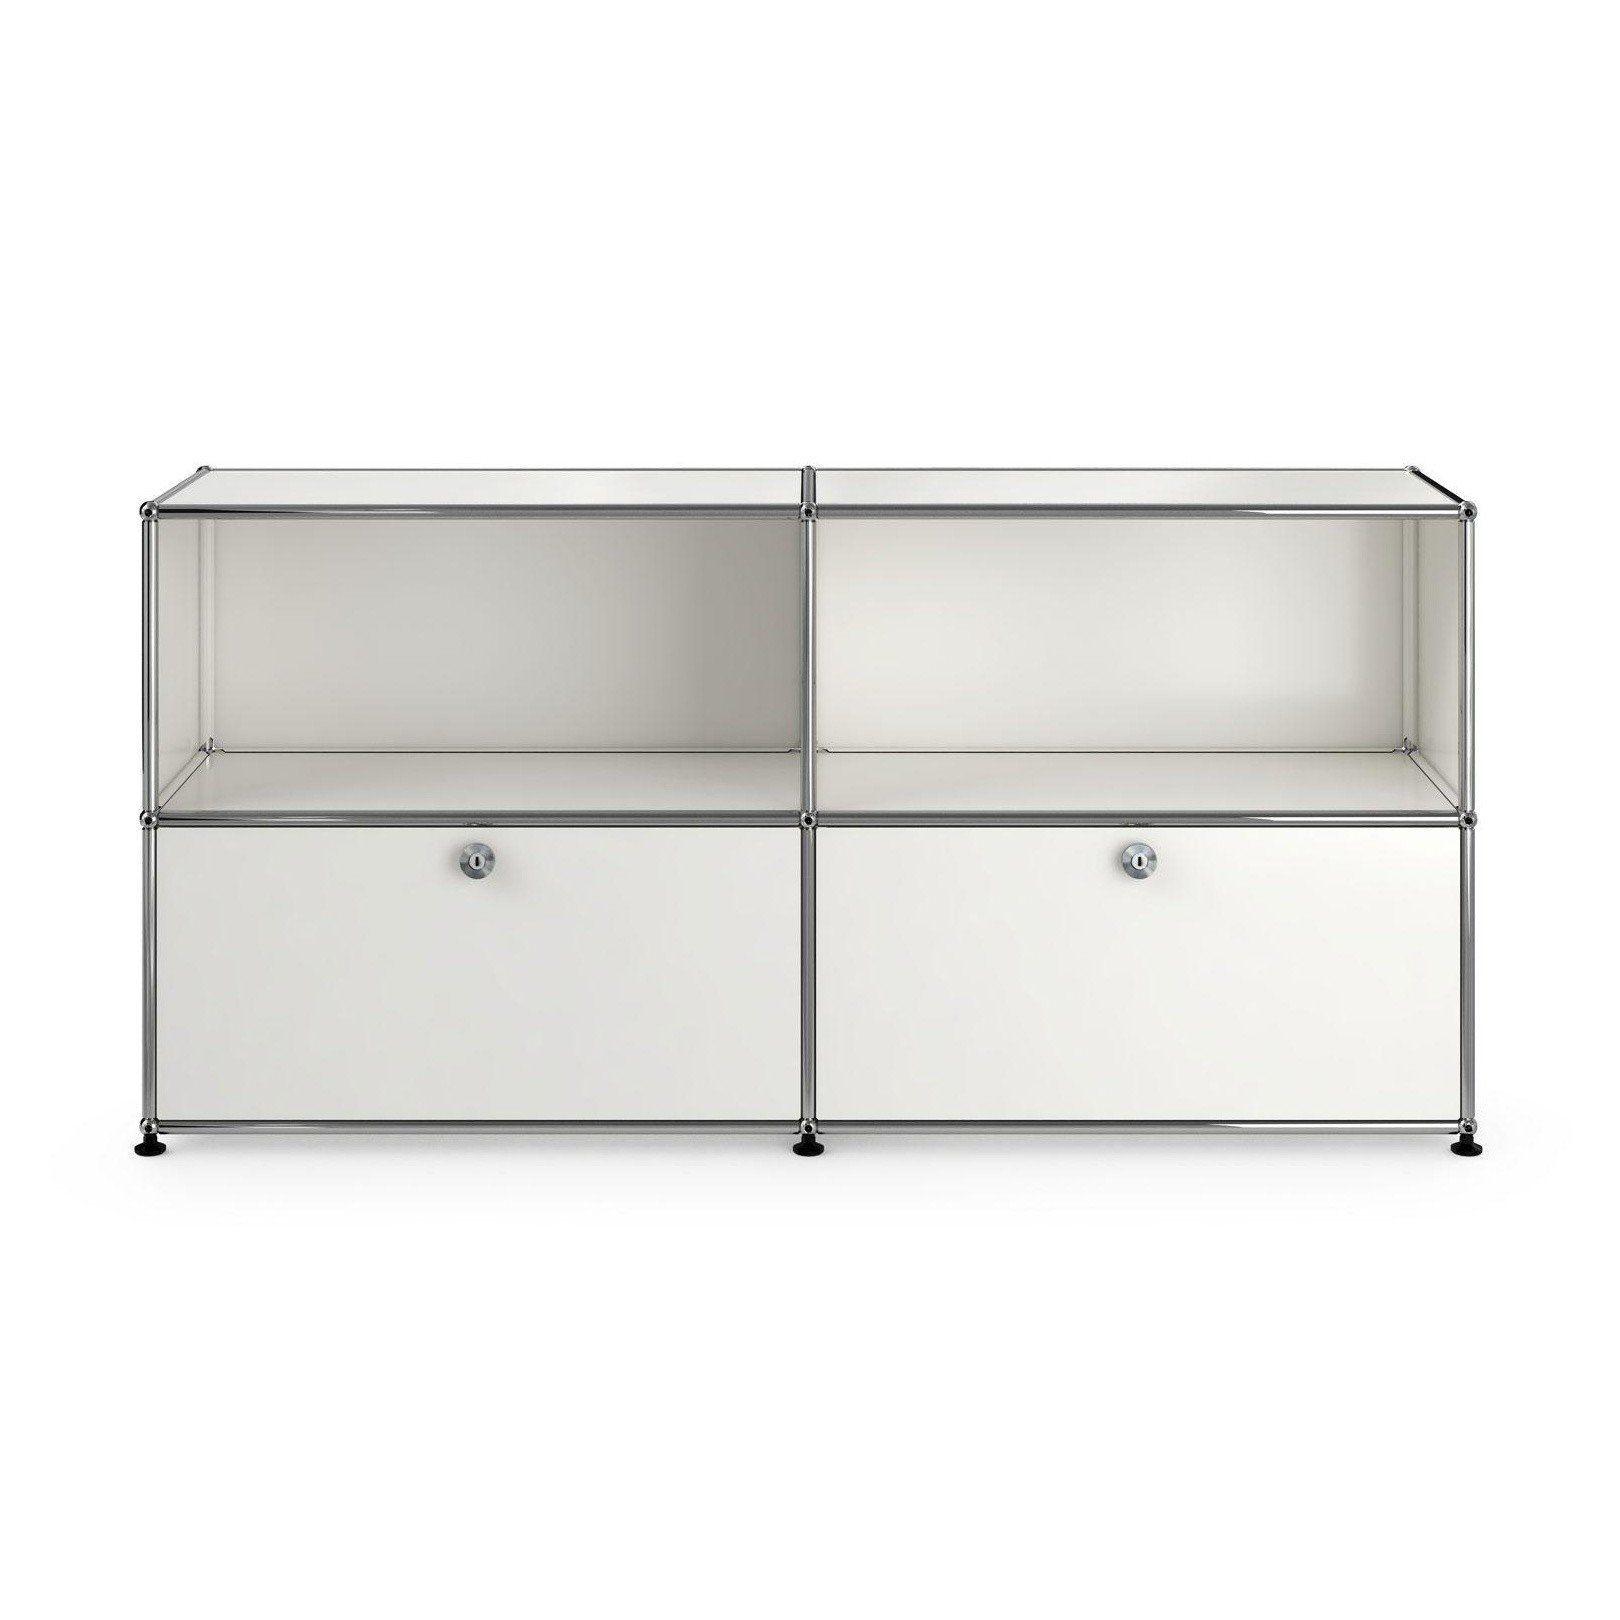 usm sideboard with 2 drawers usm haller. Black Bedroom Furniture Sets. Home Design Ideas